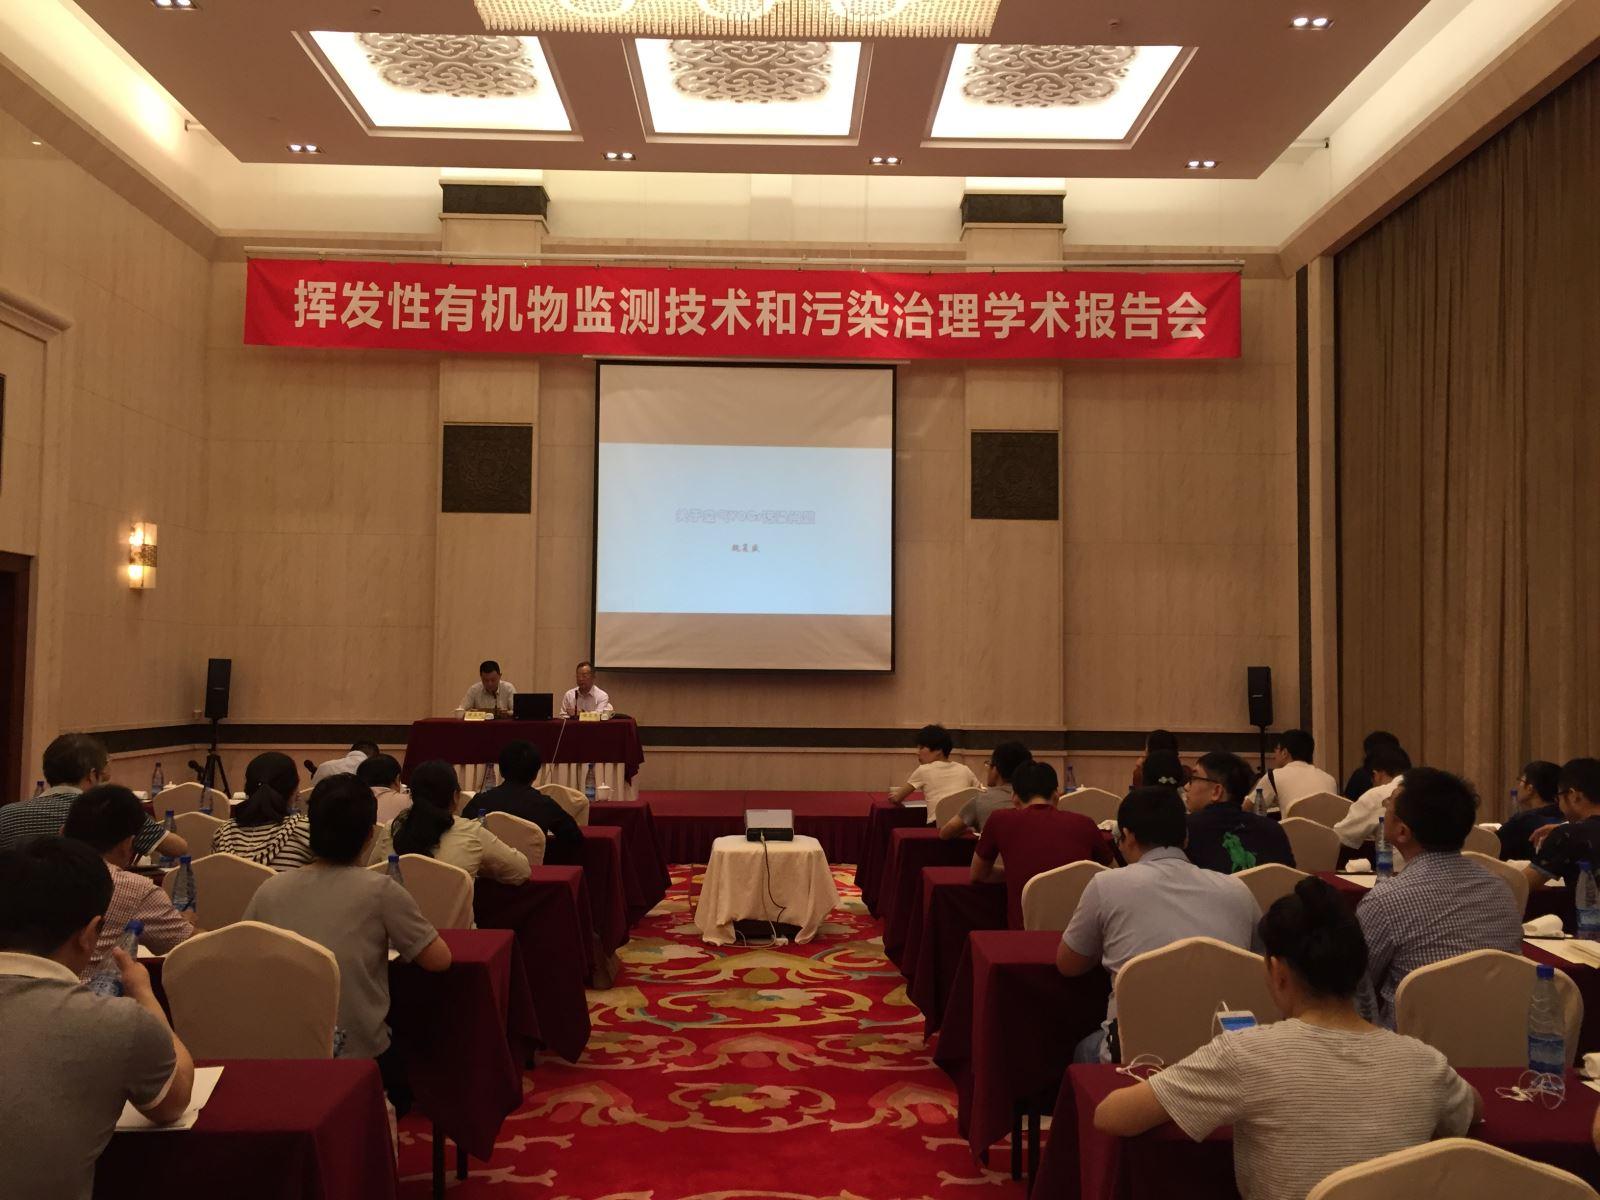 中国环境监测总站魏复盛院士莅临宁波市环保局做学术报告